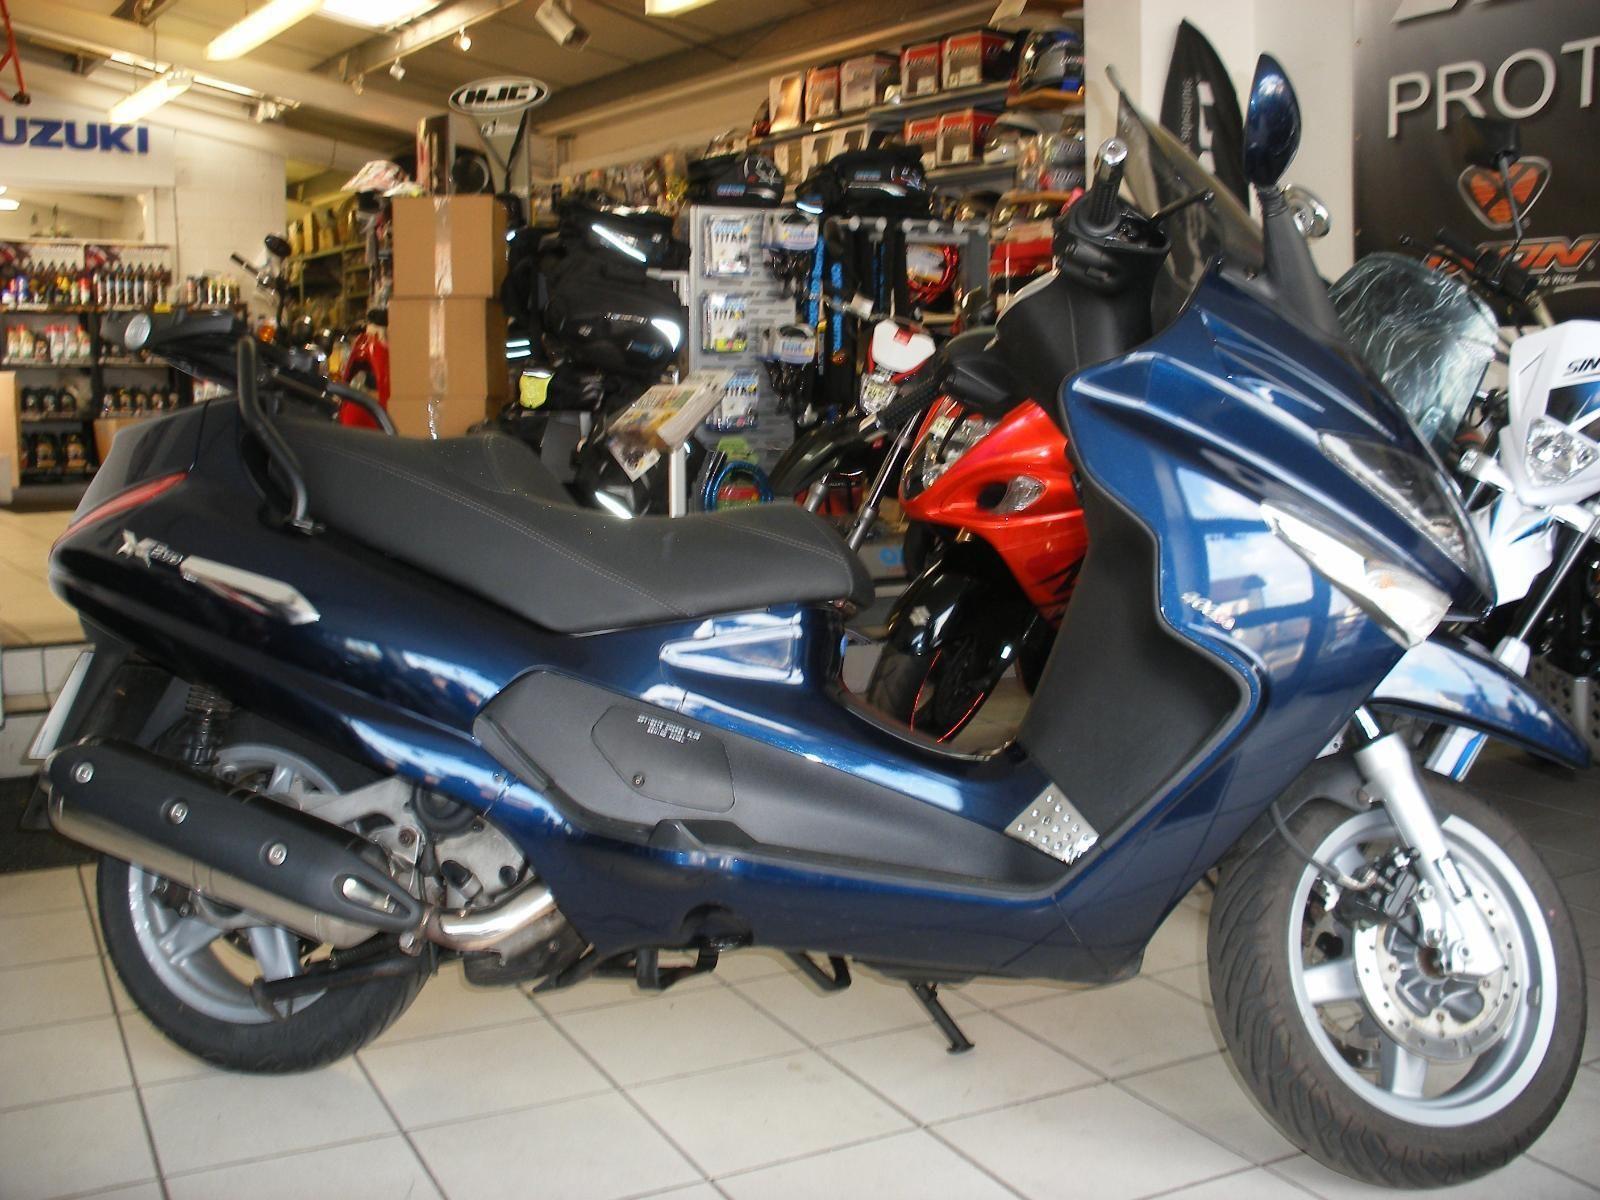 2011 60 piaggio xevo piaggio xevo 400 400cc scooter blue. Black Bedroom Furniture Sets. Home Design Ideas